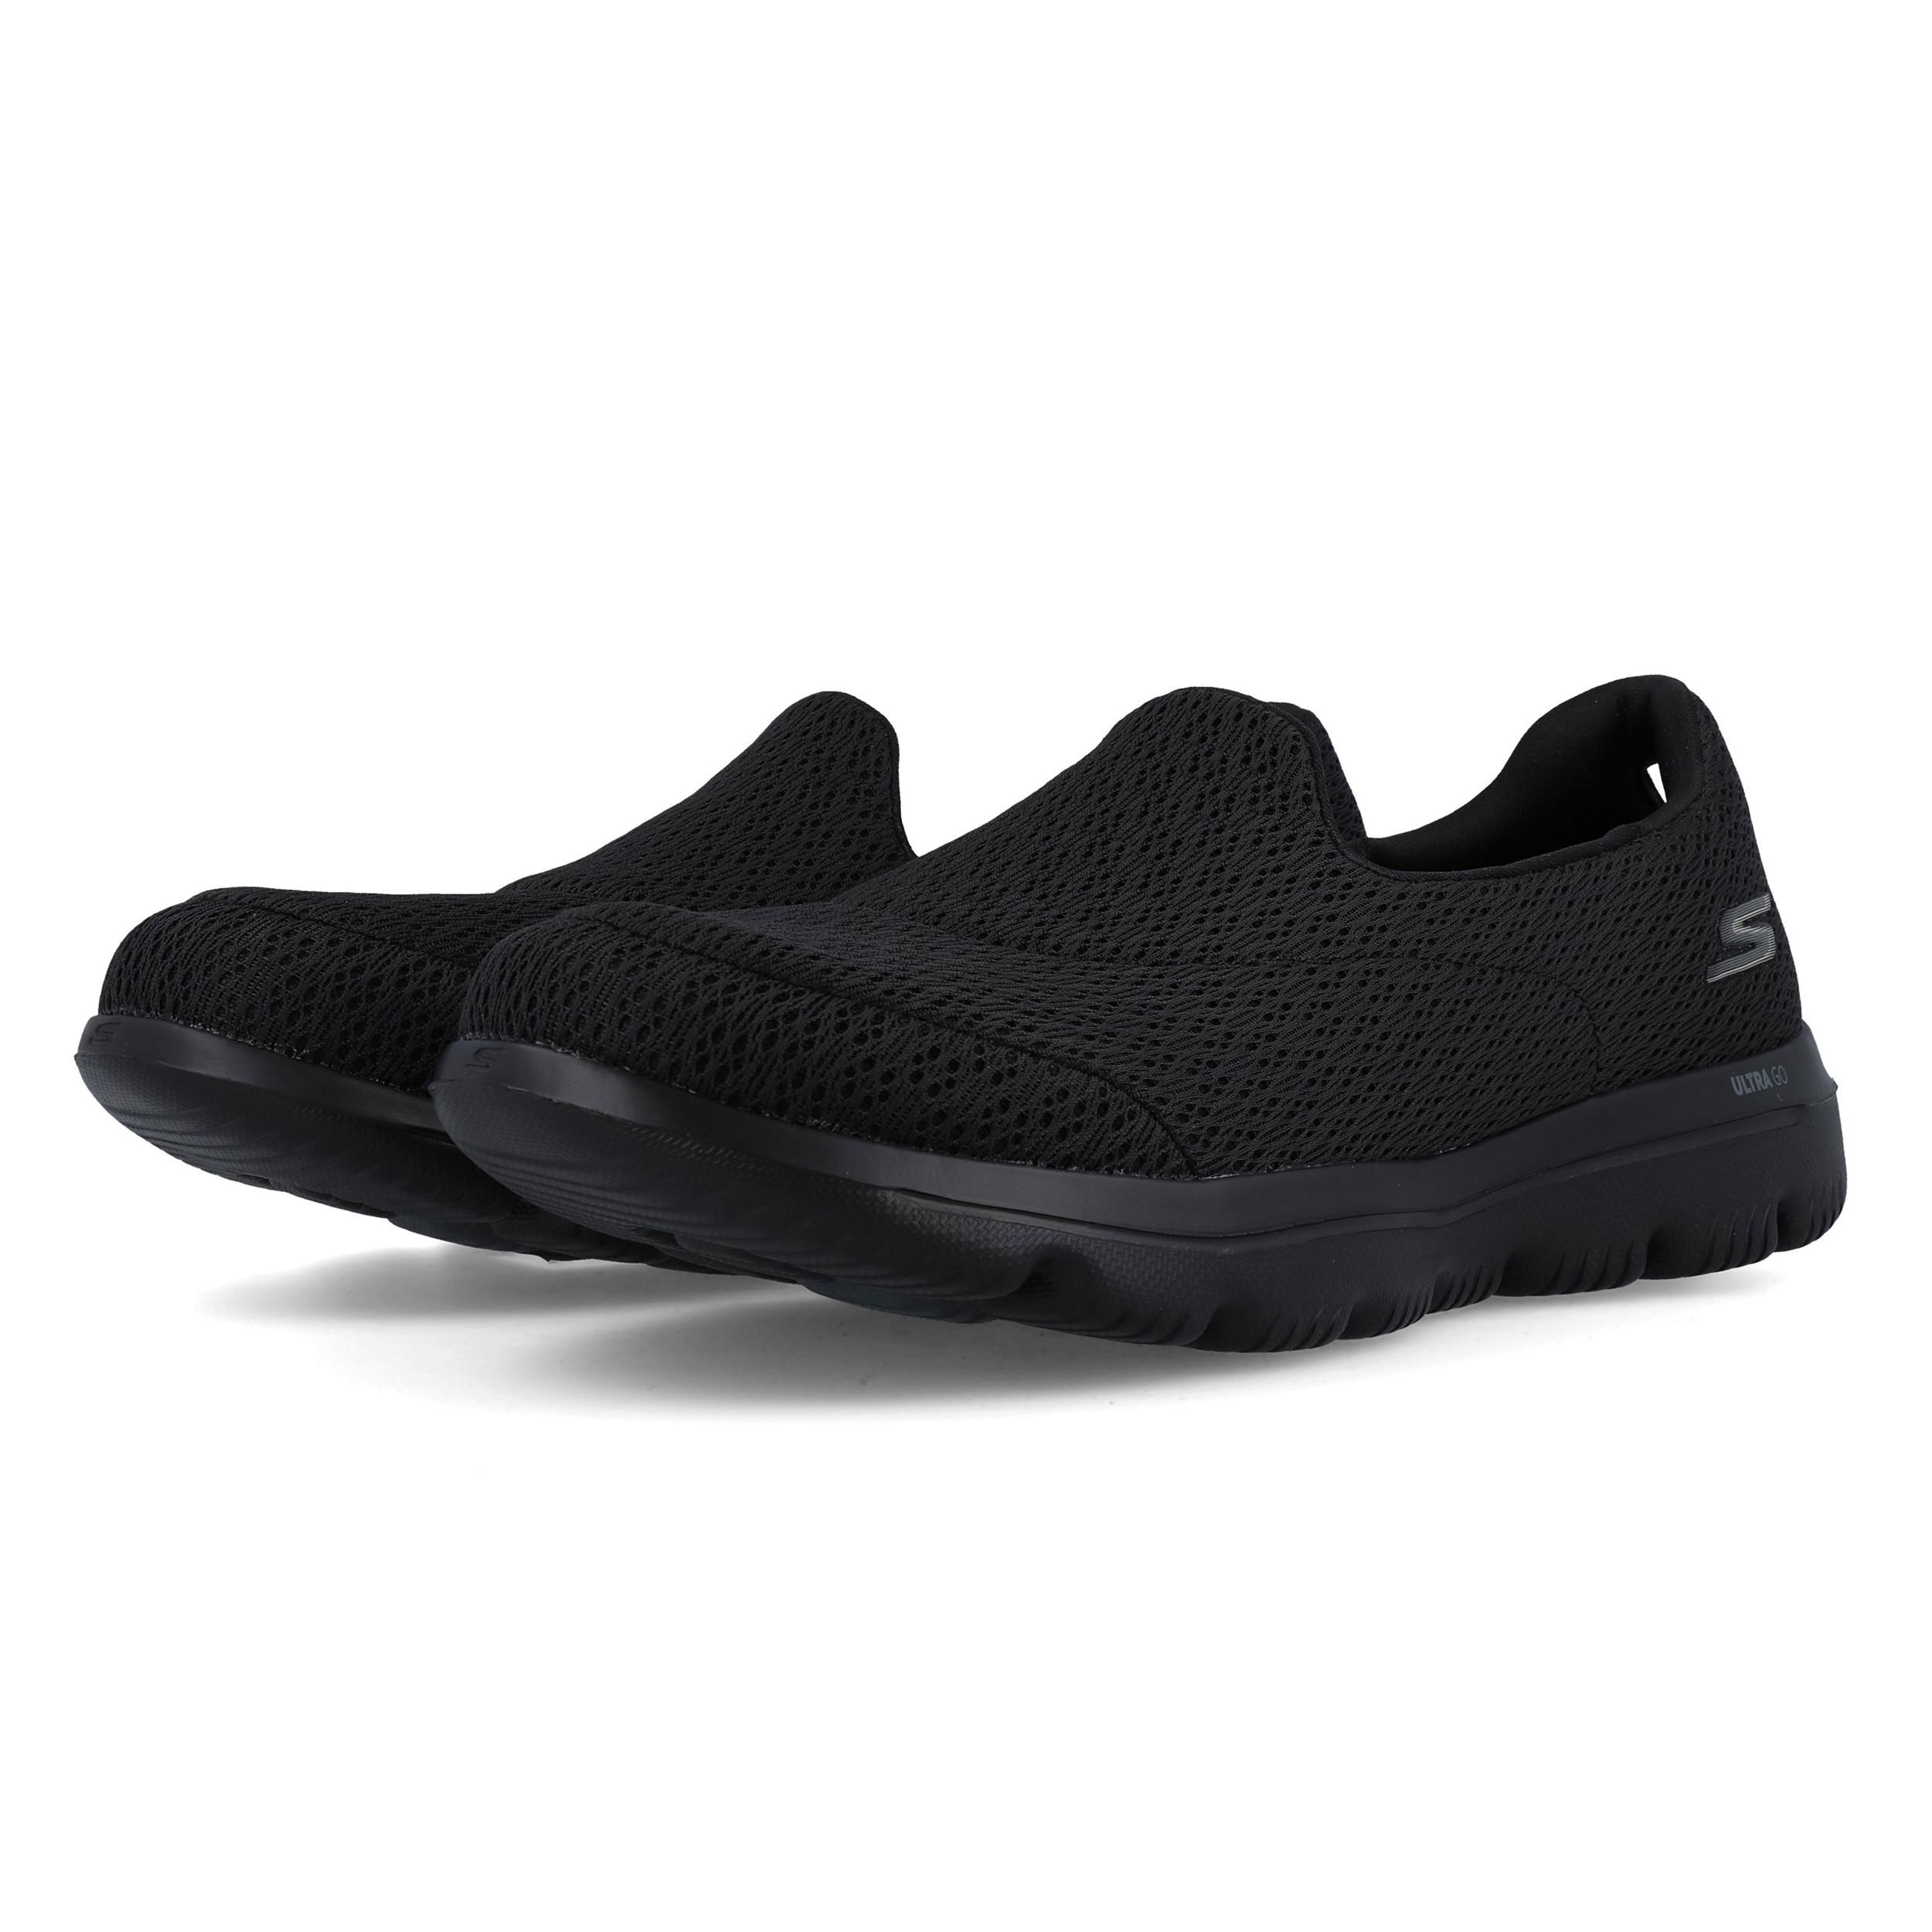 Dettagli su Skechers Donna GOwalk Evolution Ultra Scarpe Nero Sport Outdoor Traspirante